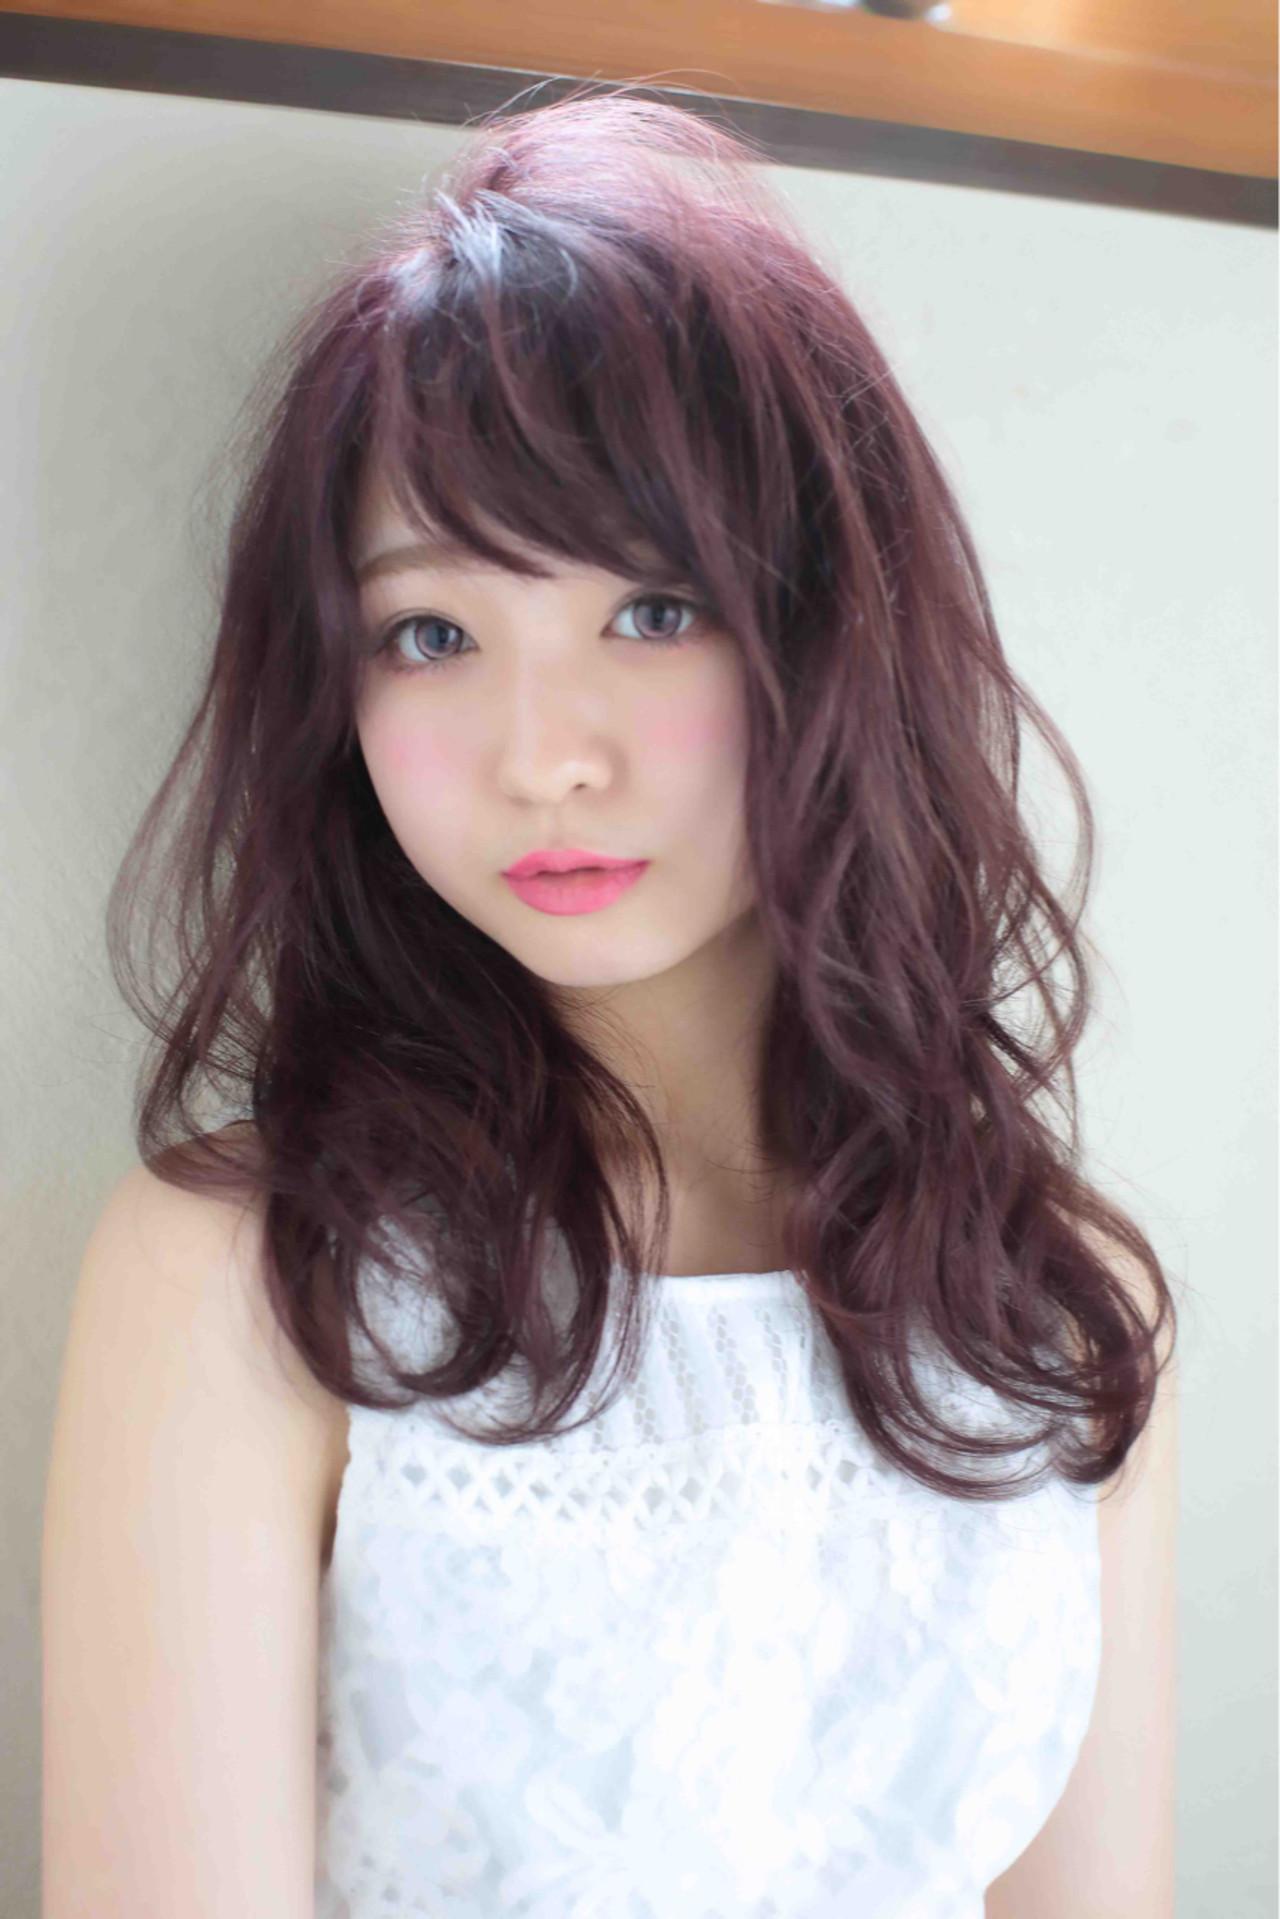 ゆるふわ モテ髪 大人かわいい フェミニン ヘアスタイルや髪型の写真・画像